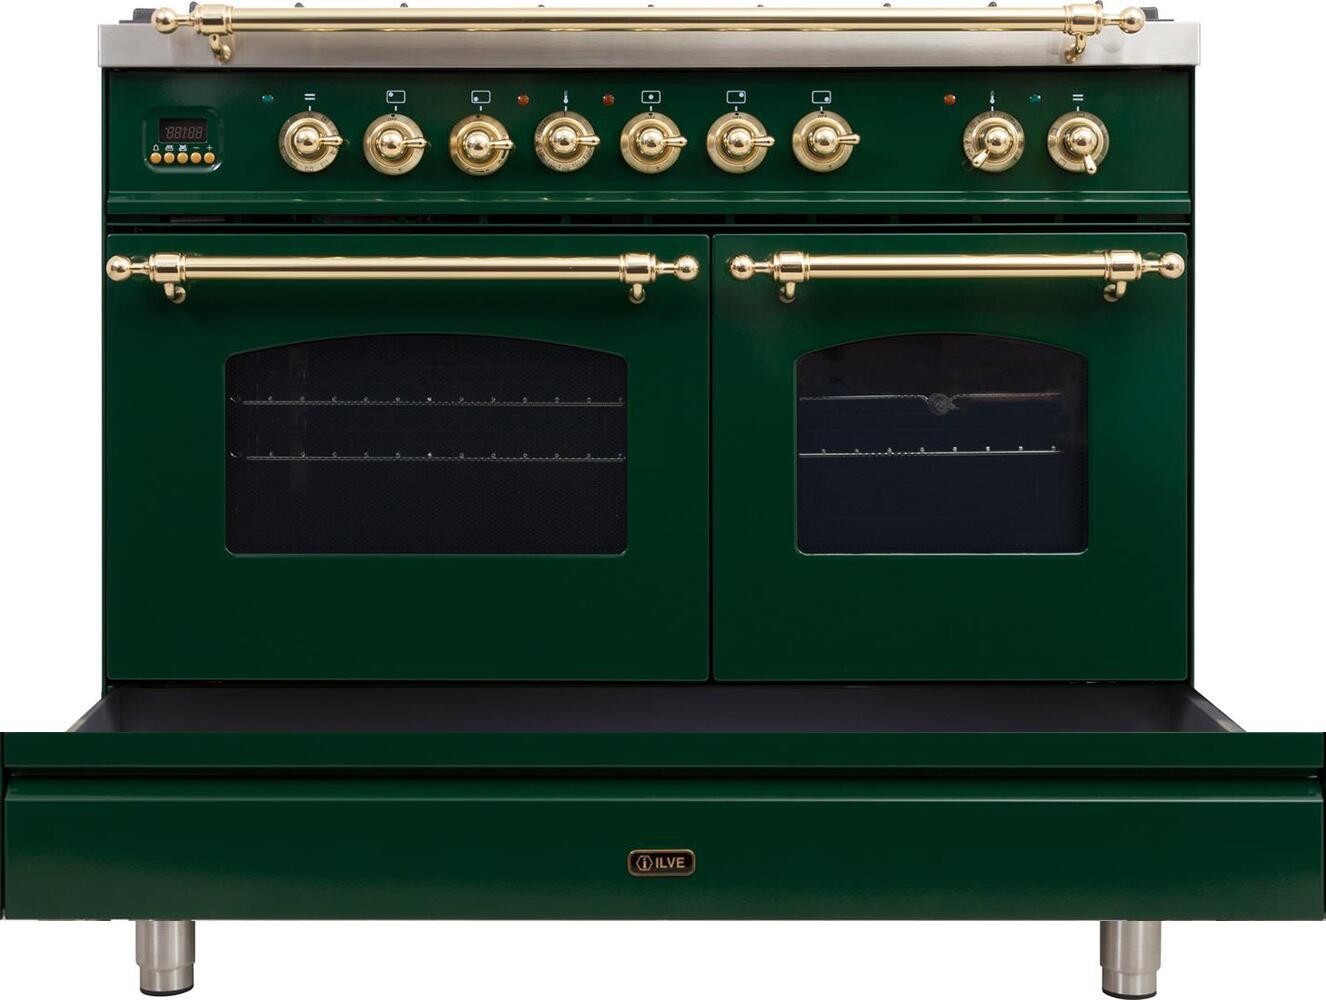 Ilve Nostalgie UPDN100FDMPVSLP Freestanding Dual Fuel Range Green, Untitled 1 es es